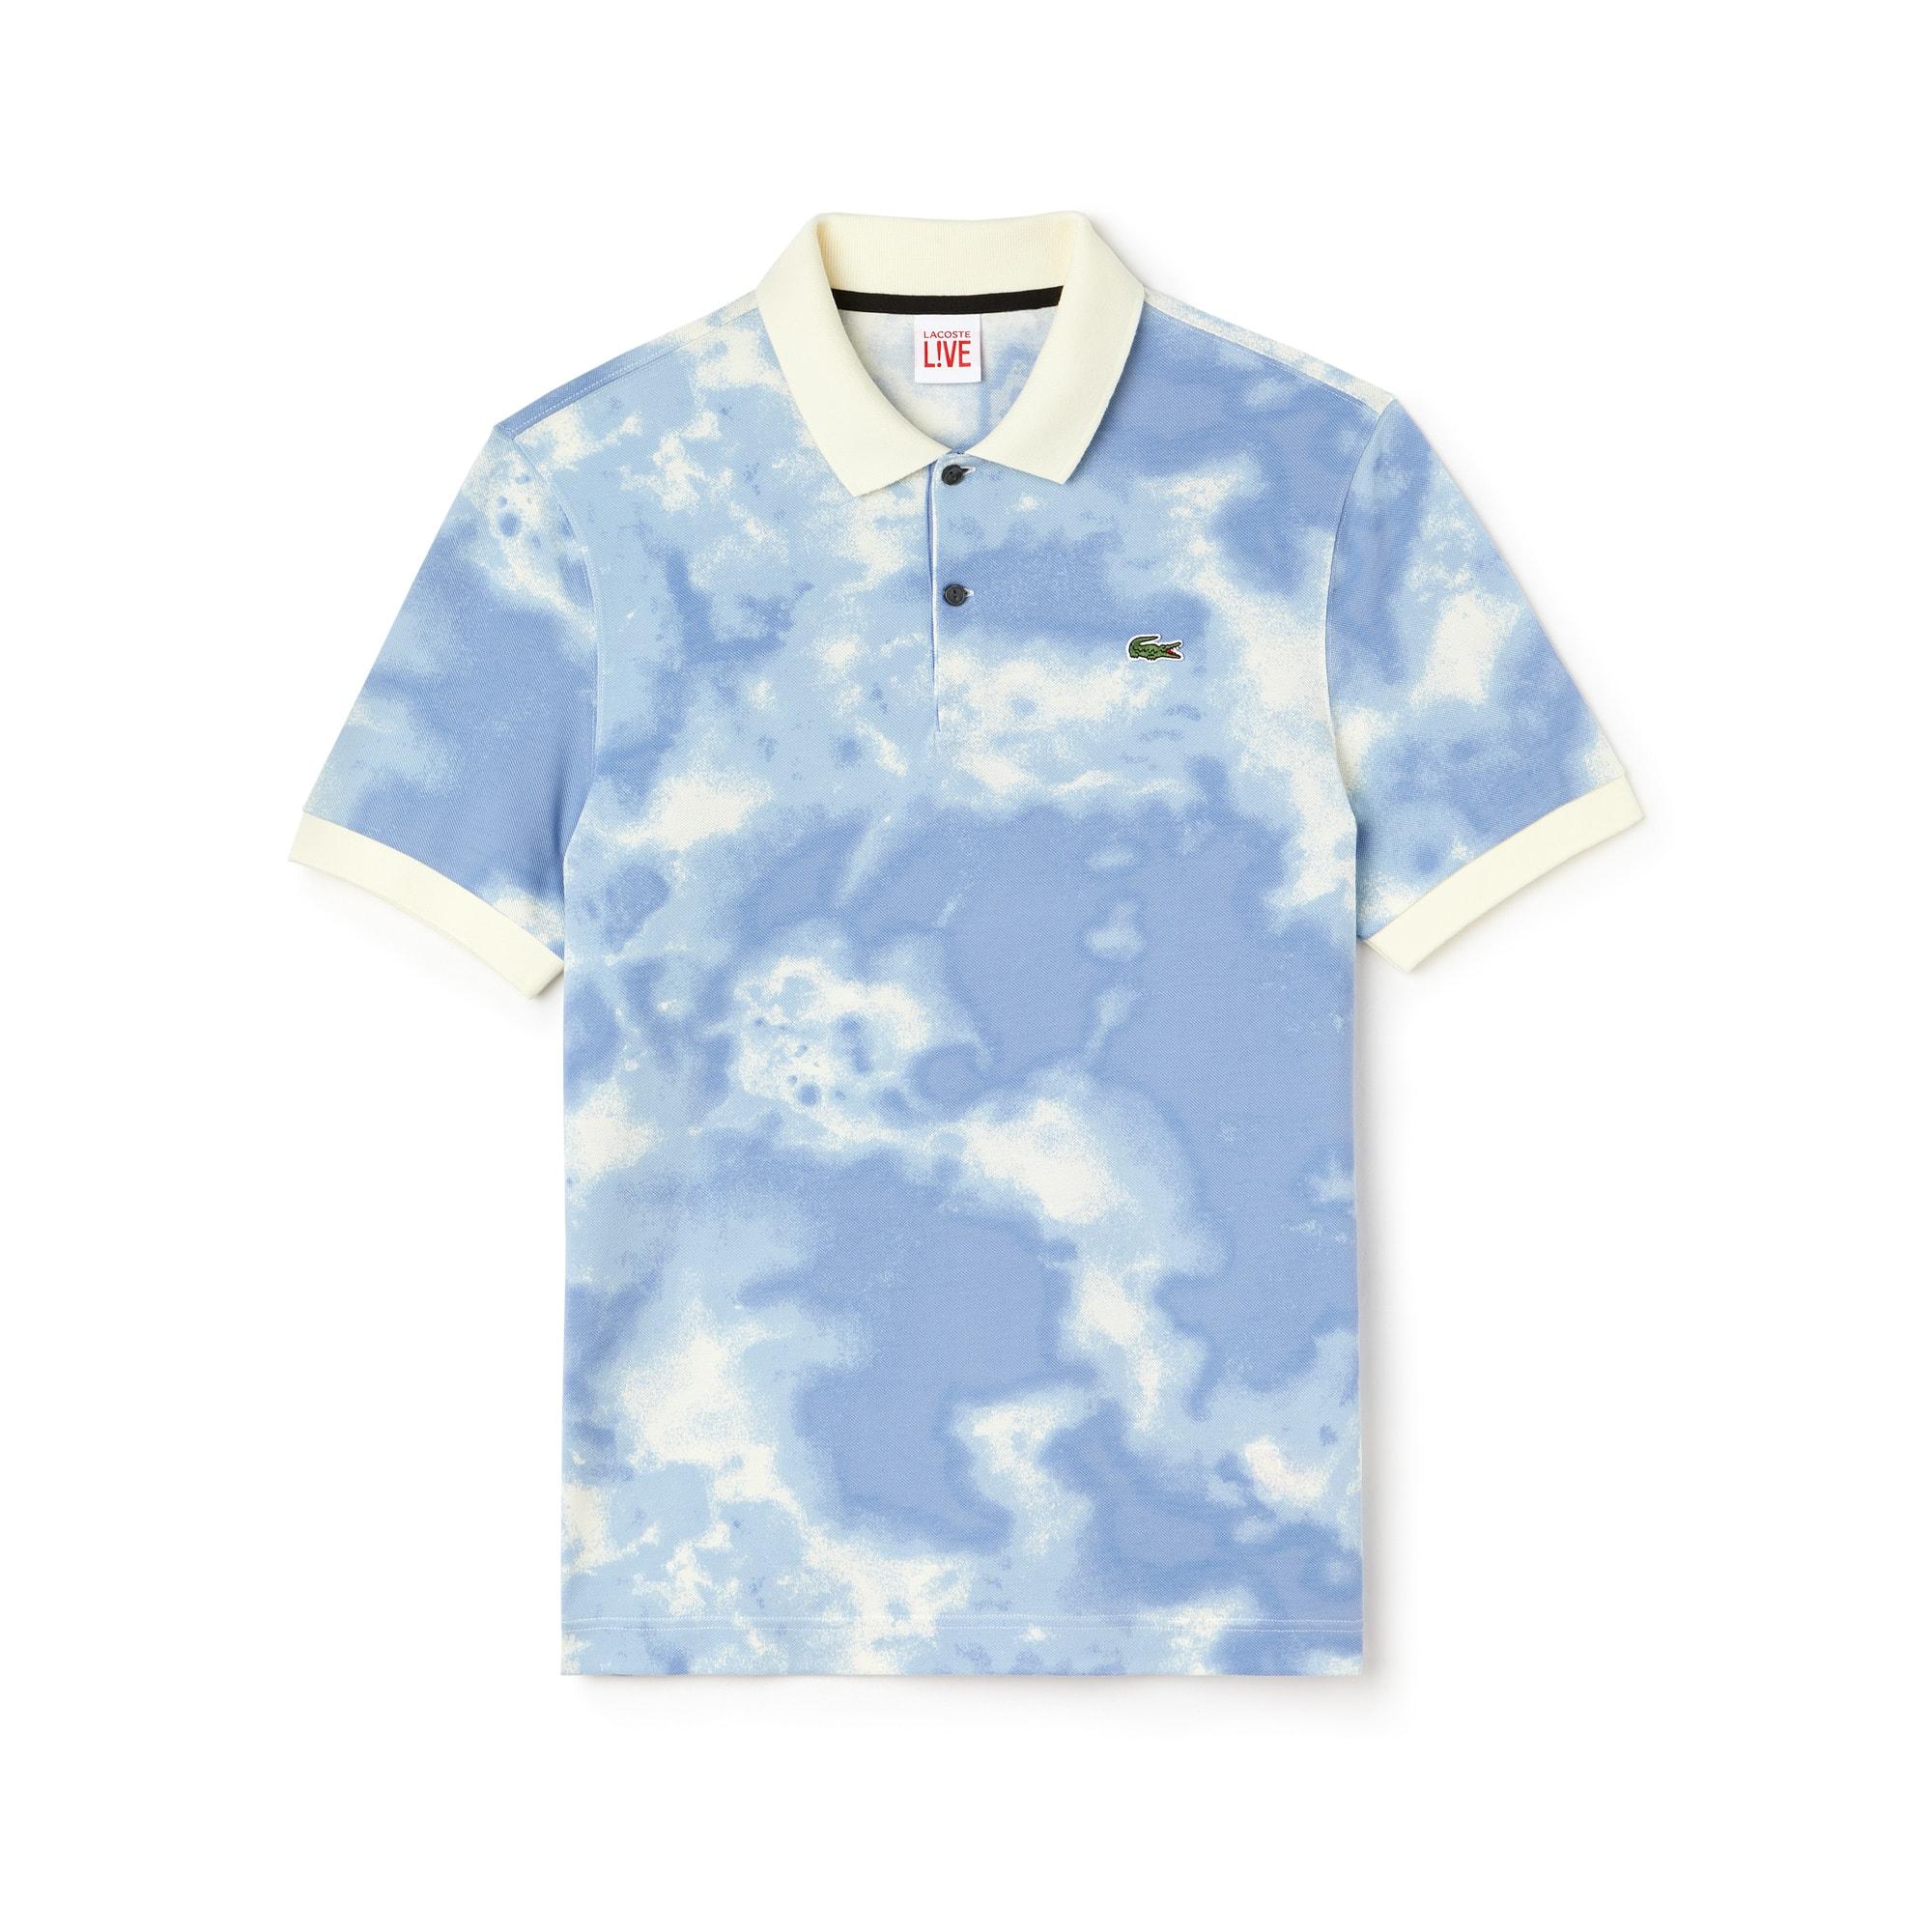 Polo regular fit Lacoste LIVE en mini piqué de coton imprimé nuages